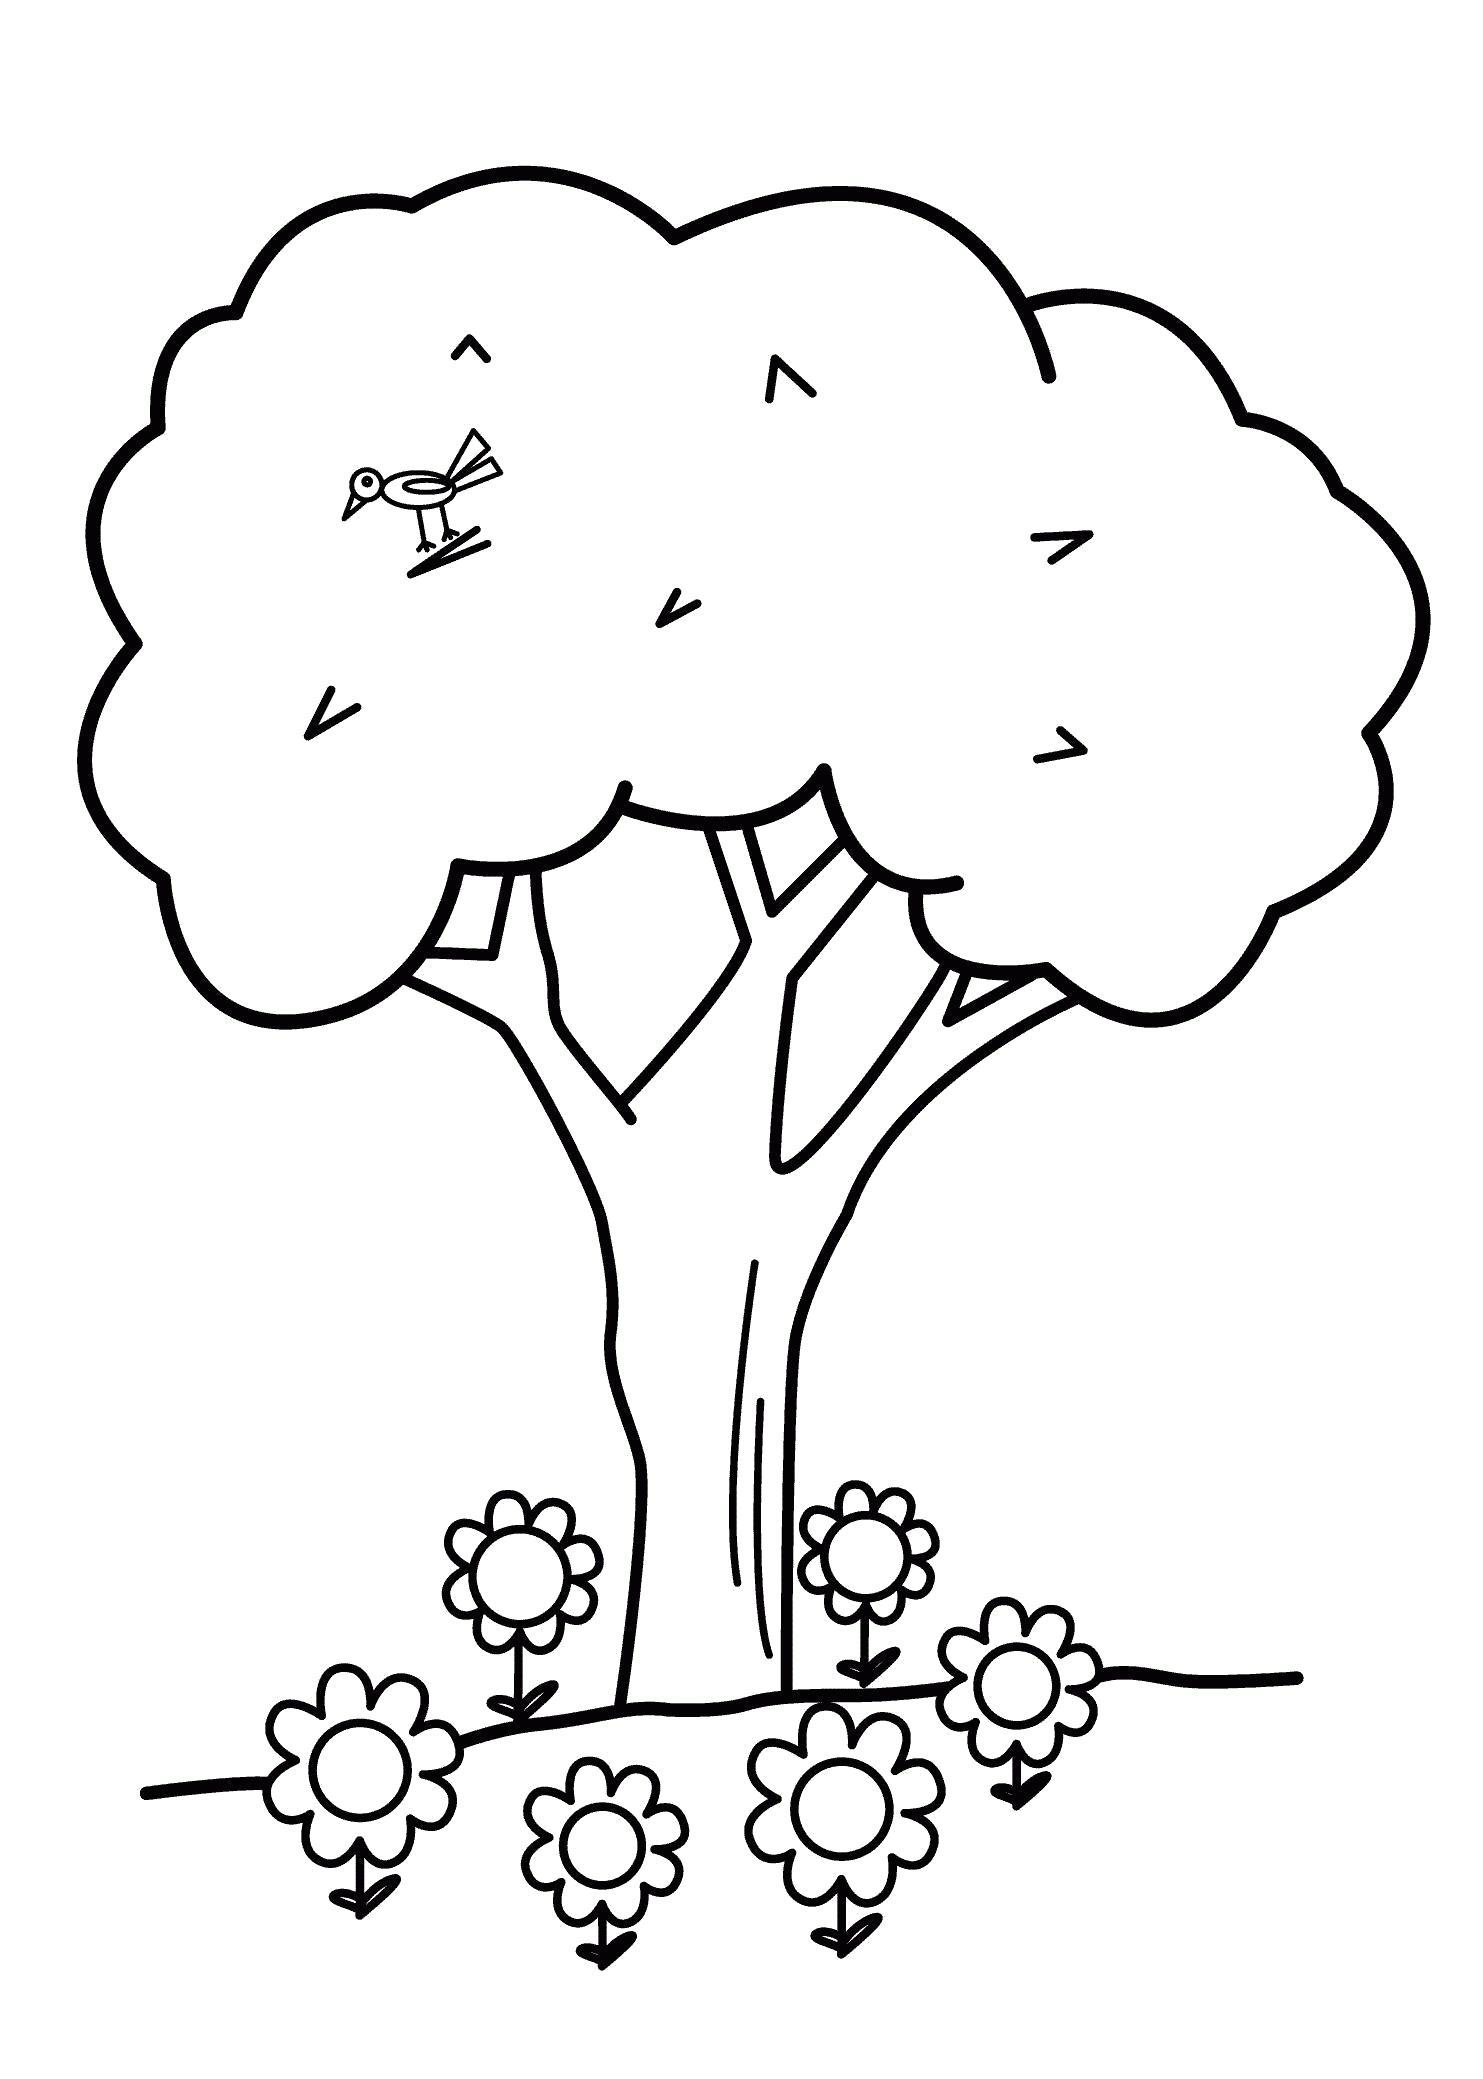 Название: Раскраска Дерево с птичкой. Категория: деревья. Теги: деревья.